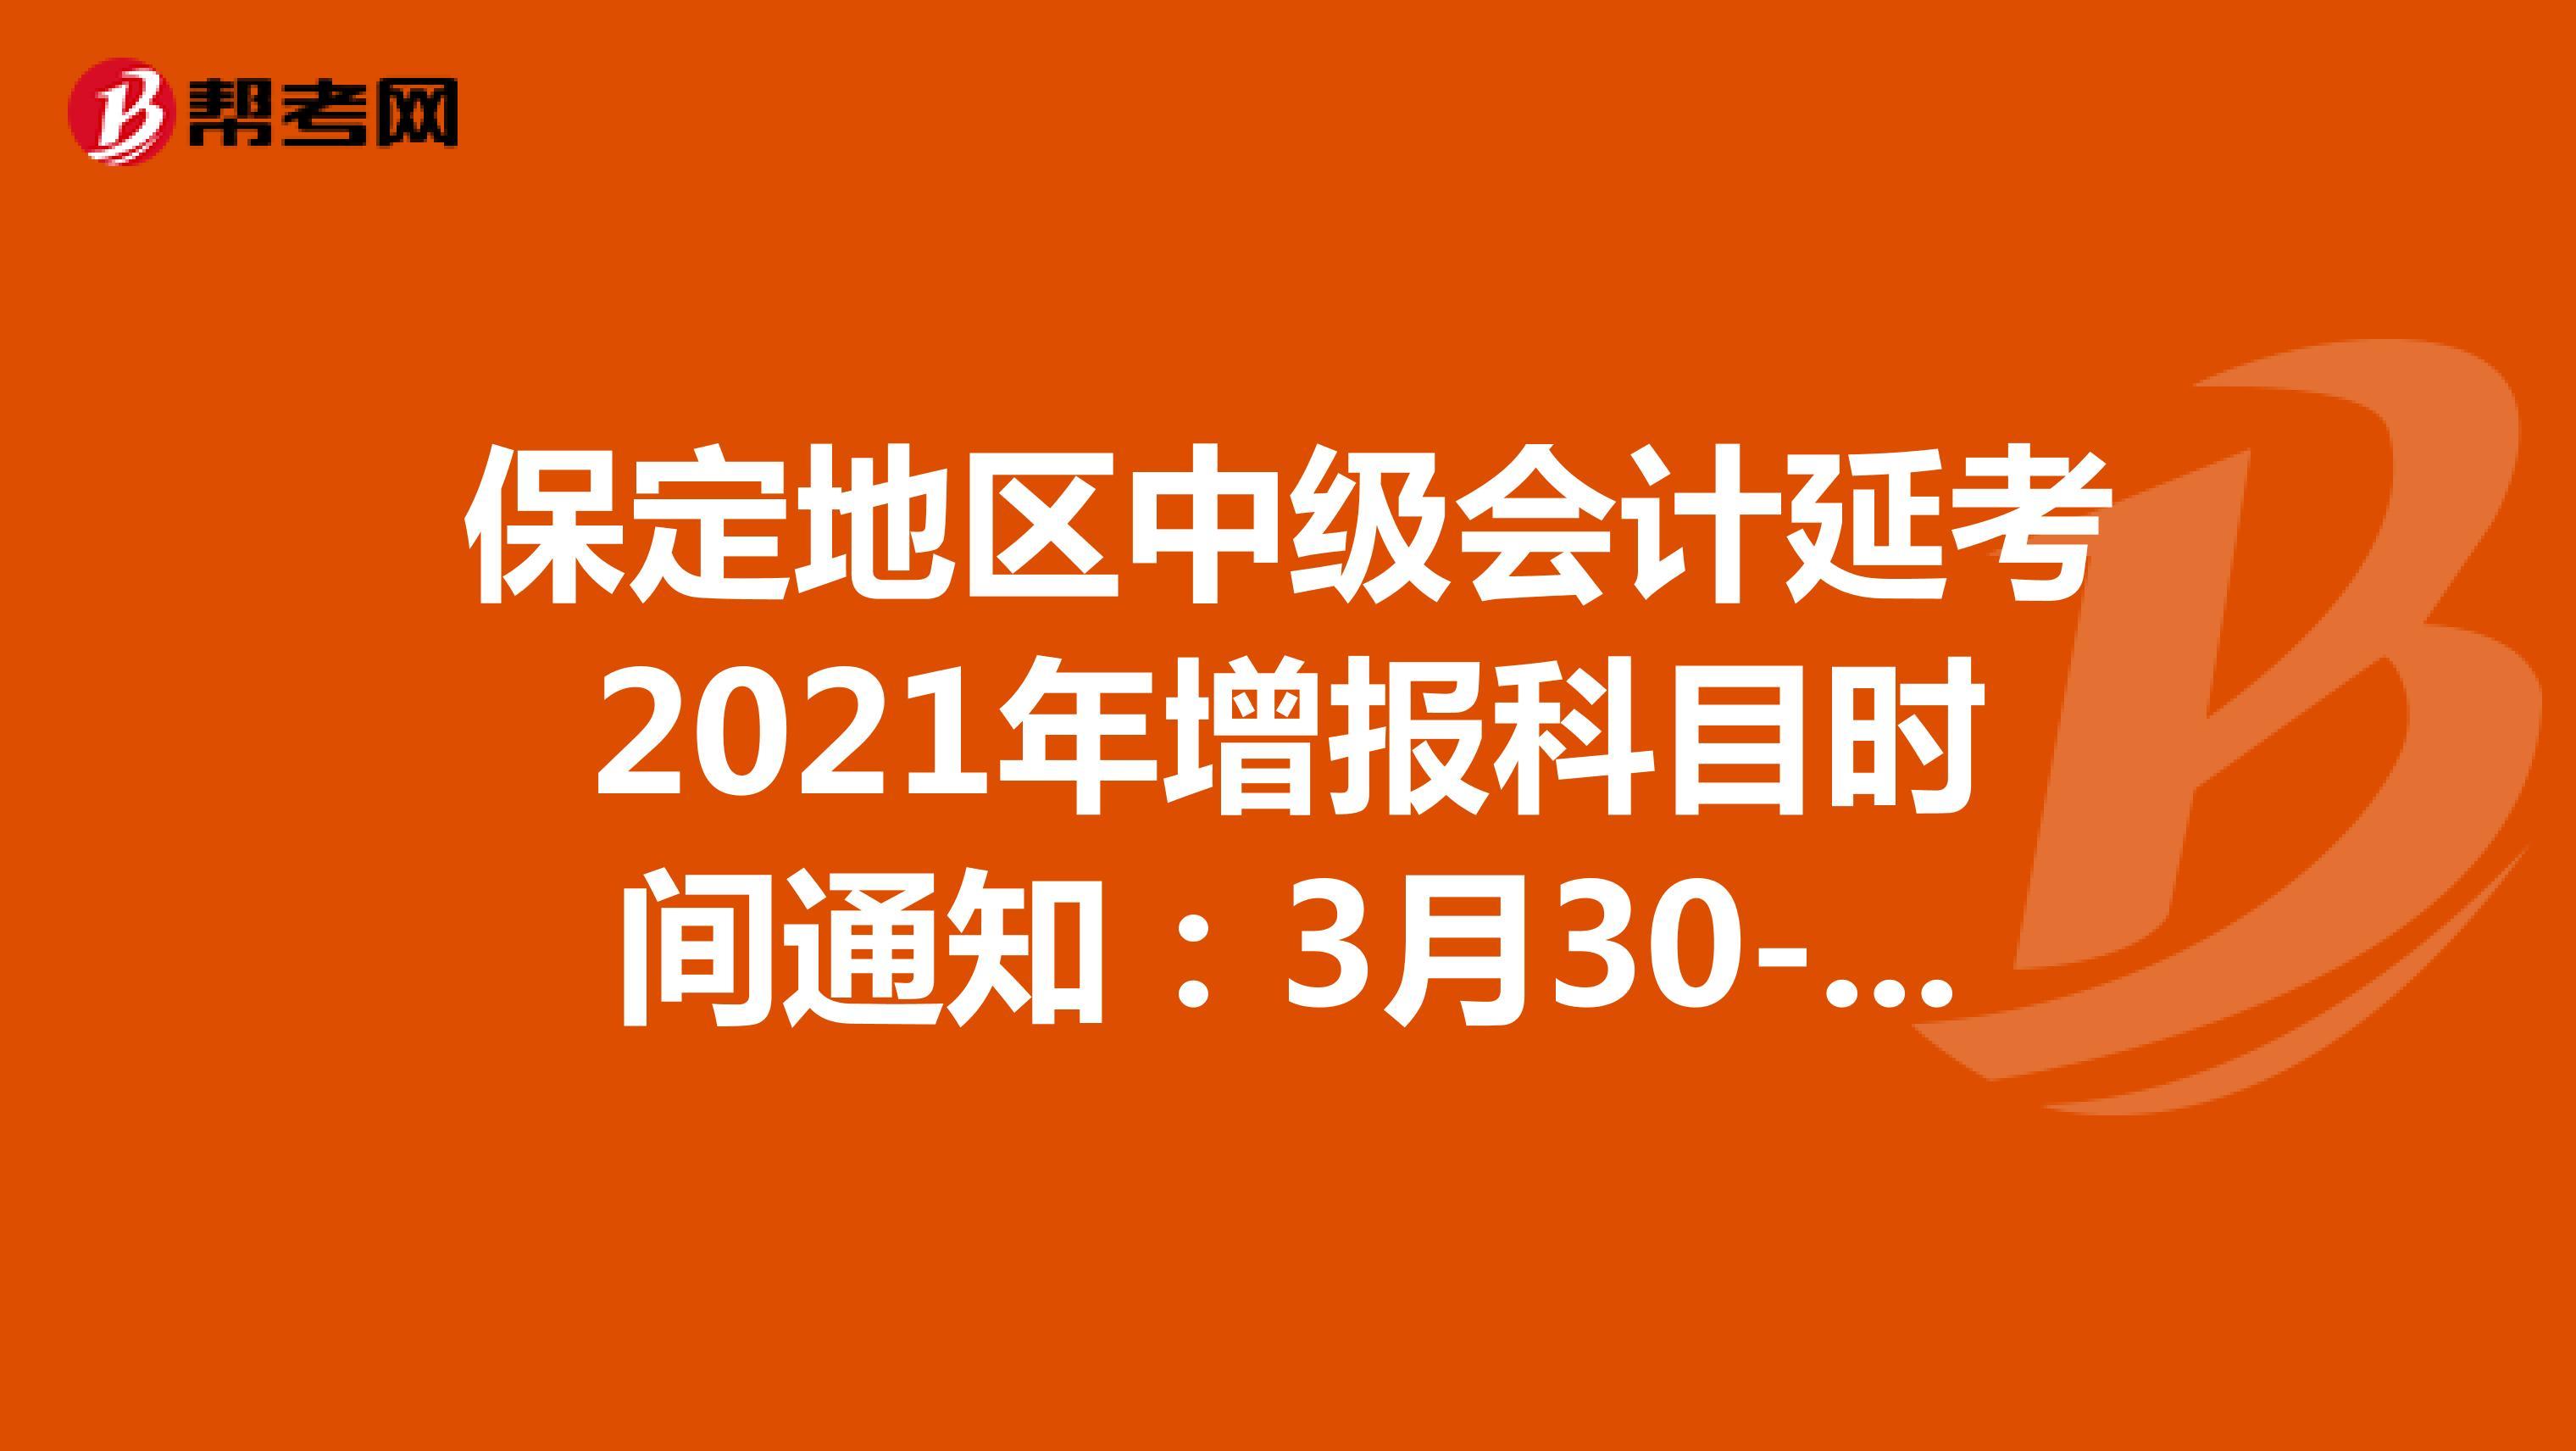 保定地区中级会计延考2021年增报科目时间通知:3月30-31日